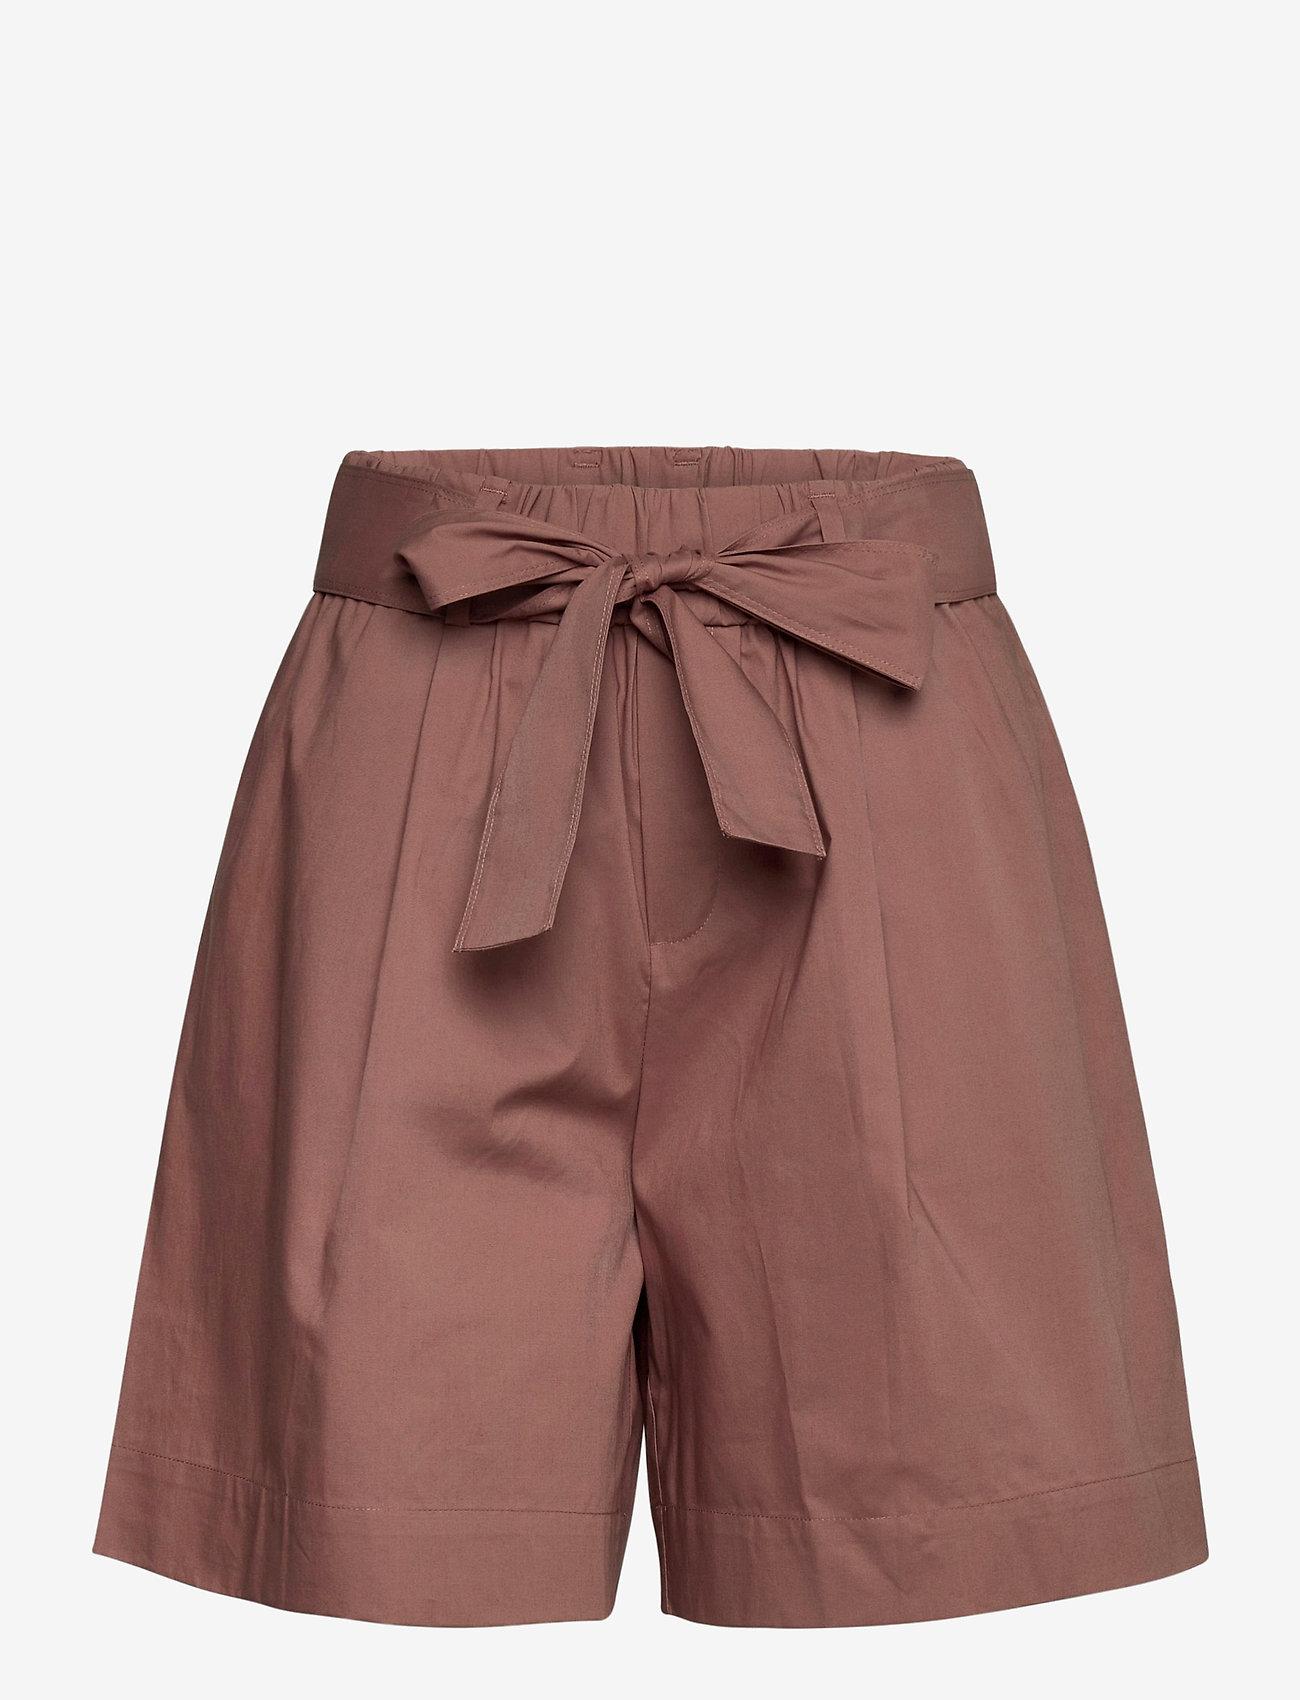 Noa Noa - Shorts - paper bag shorts - cognac - 0